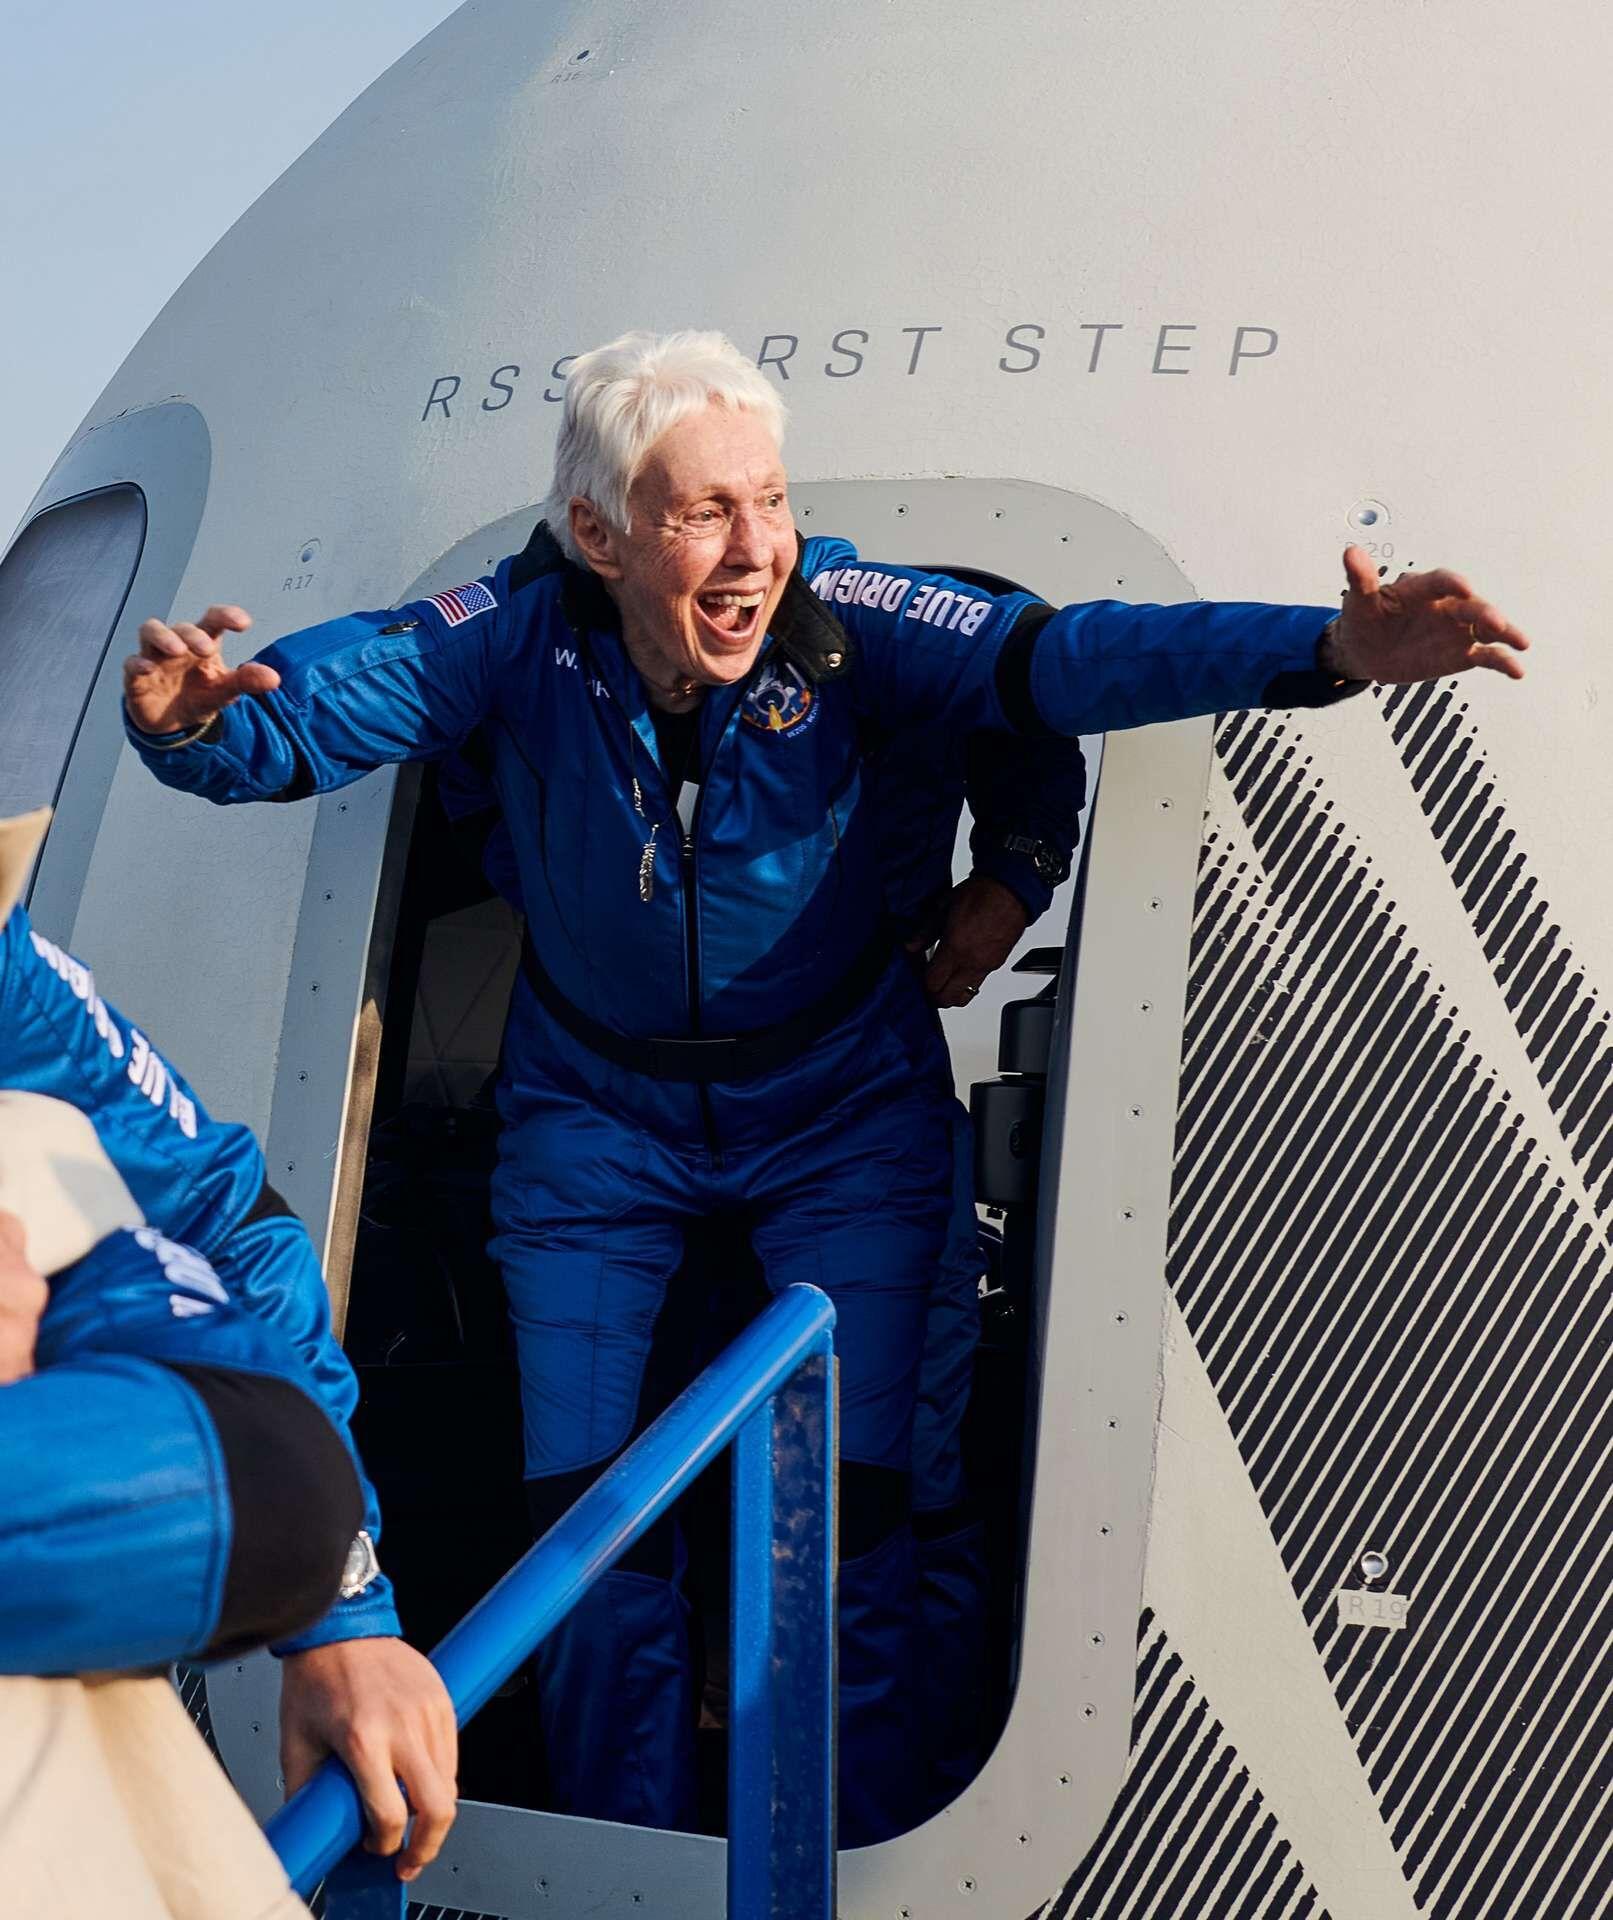 En 1974, Funk est embauchée par le National Transportation Safety Board (NTSB), et devient la première femme à enquêter sur la sécurité aérienne.